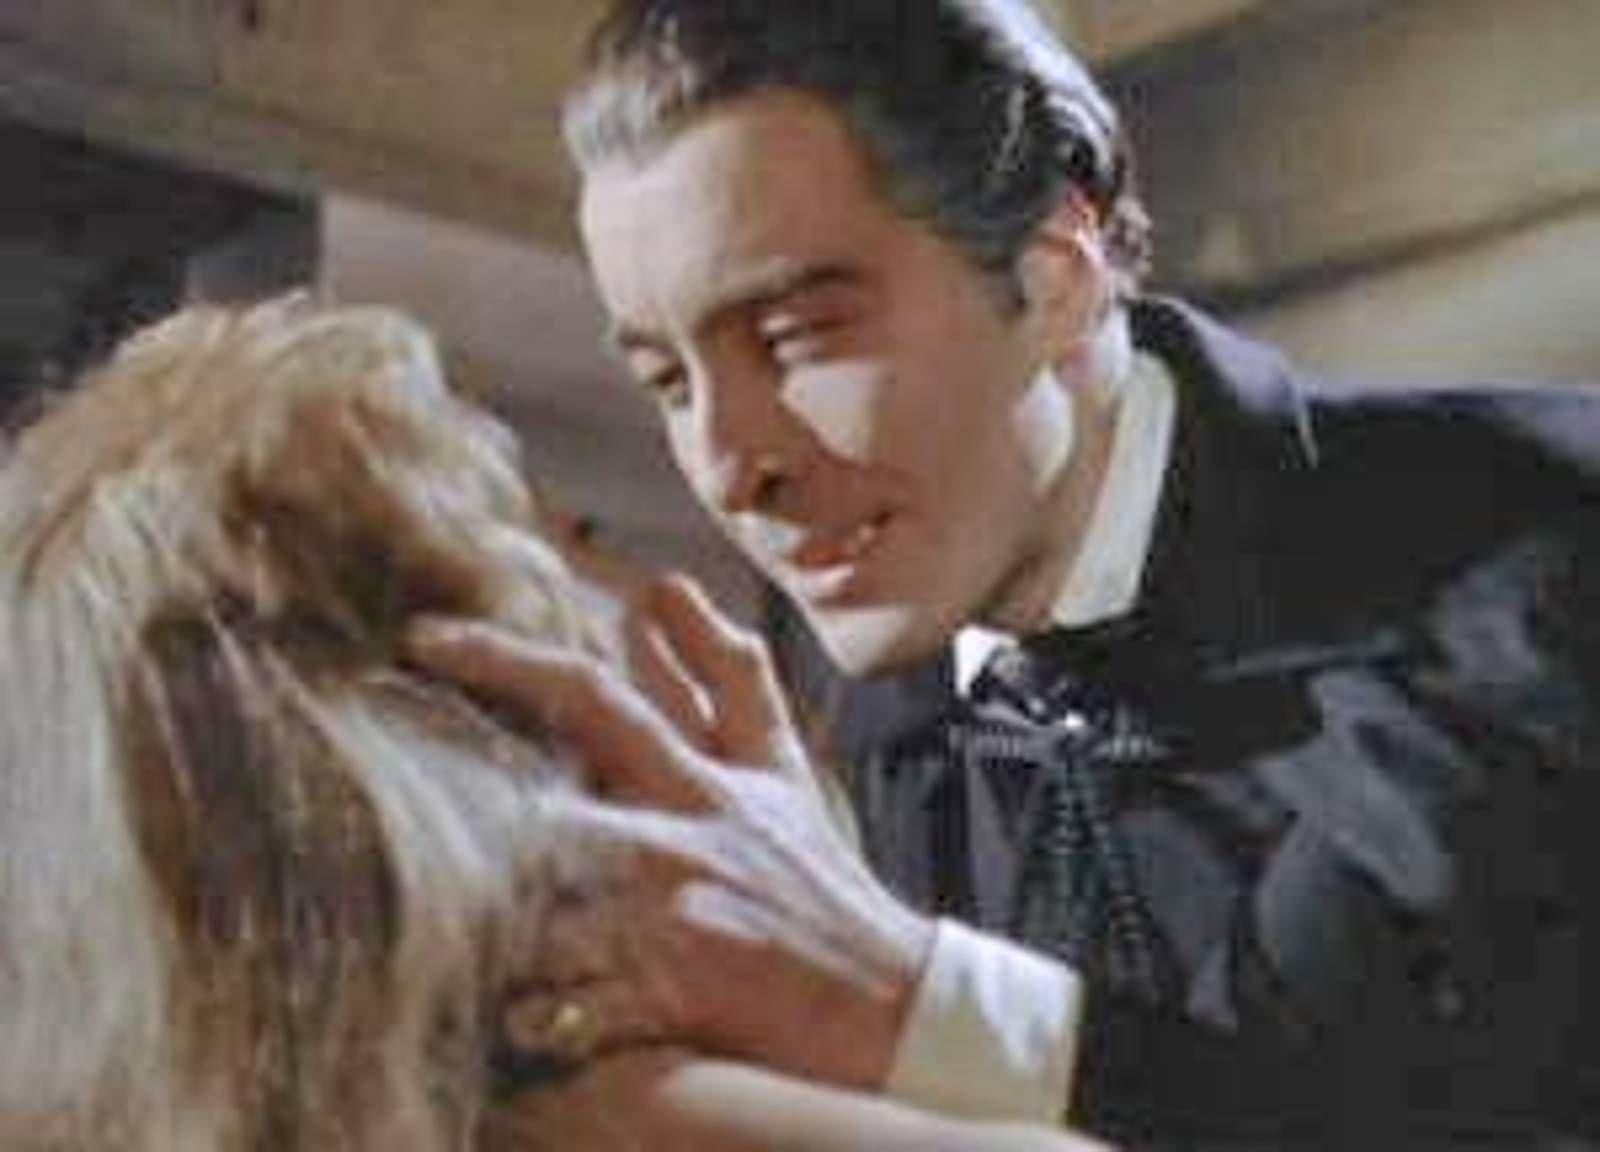 Unge Frankenstein sex scene